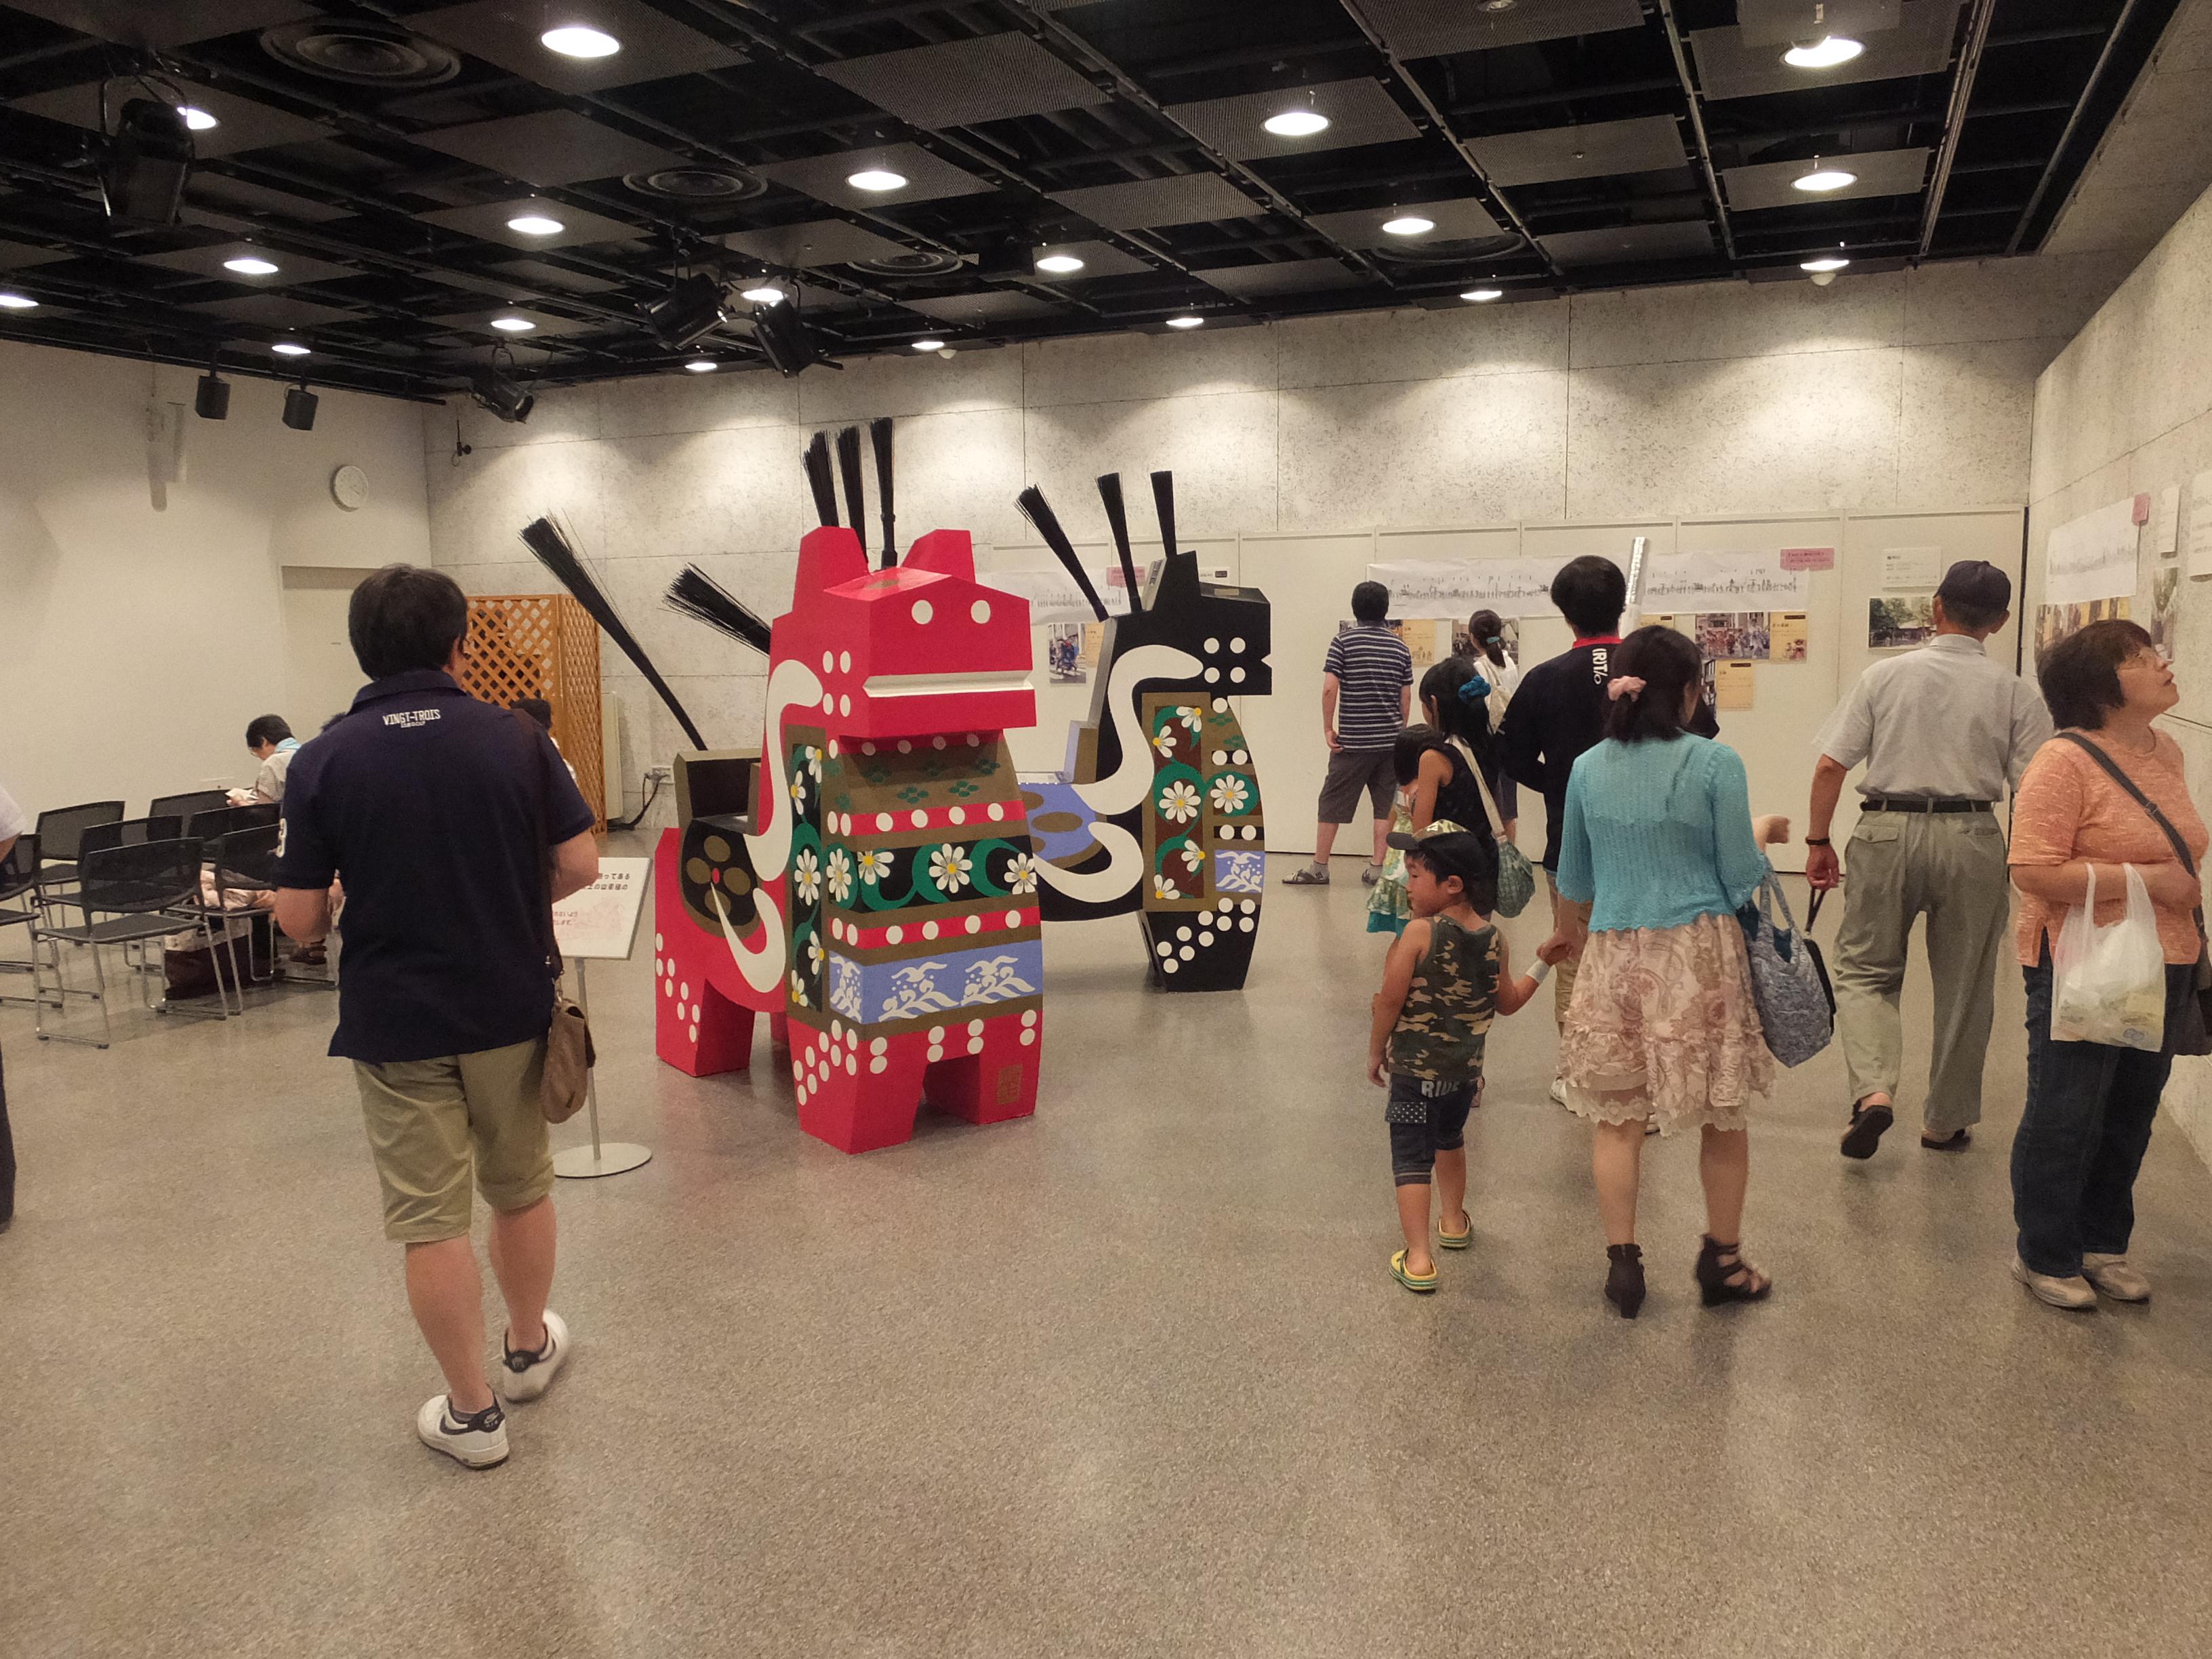 http://hacchi.jp/blog/upload/images/20140821_1.JPG